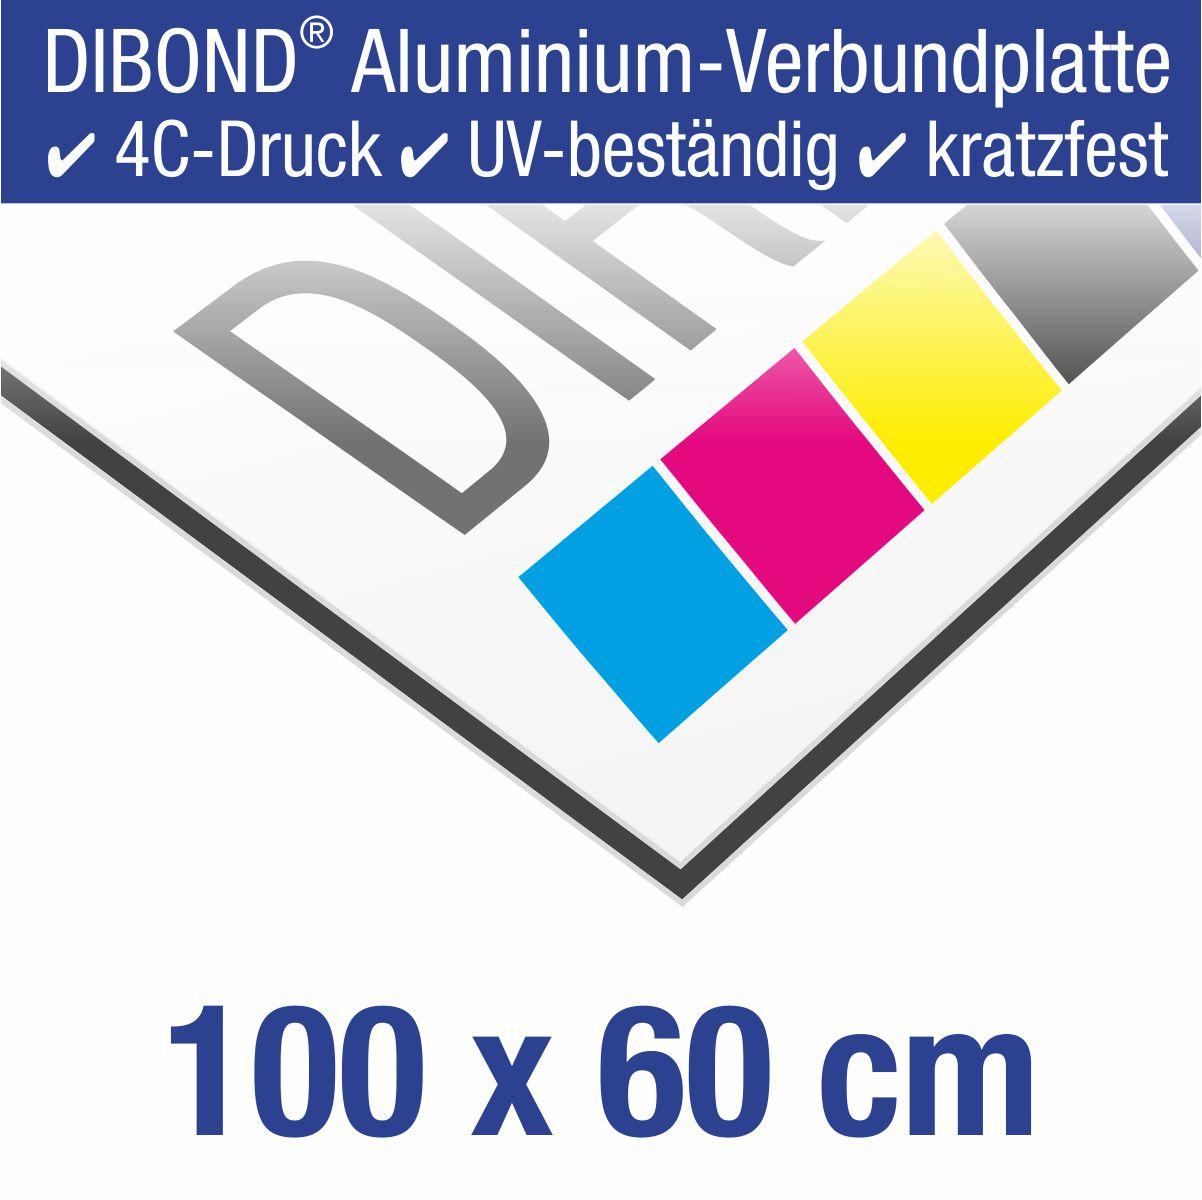 DIBOND® Schild mit 4C-Druck | 100 x 60 cm